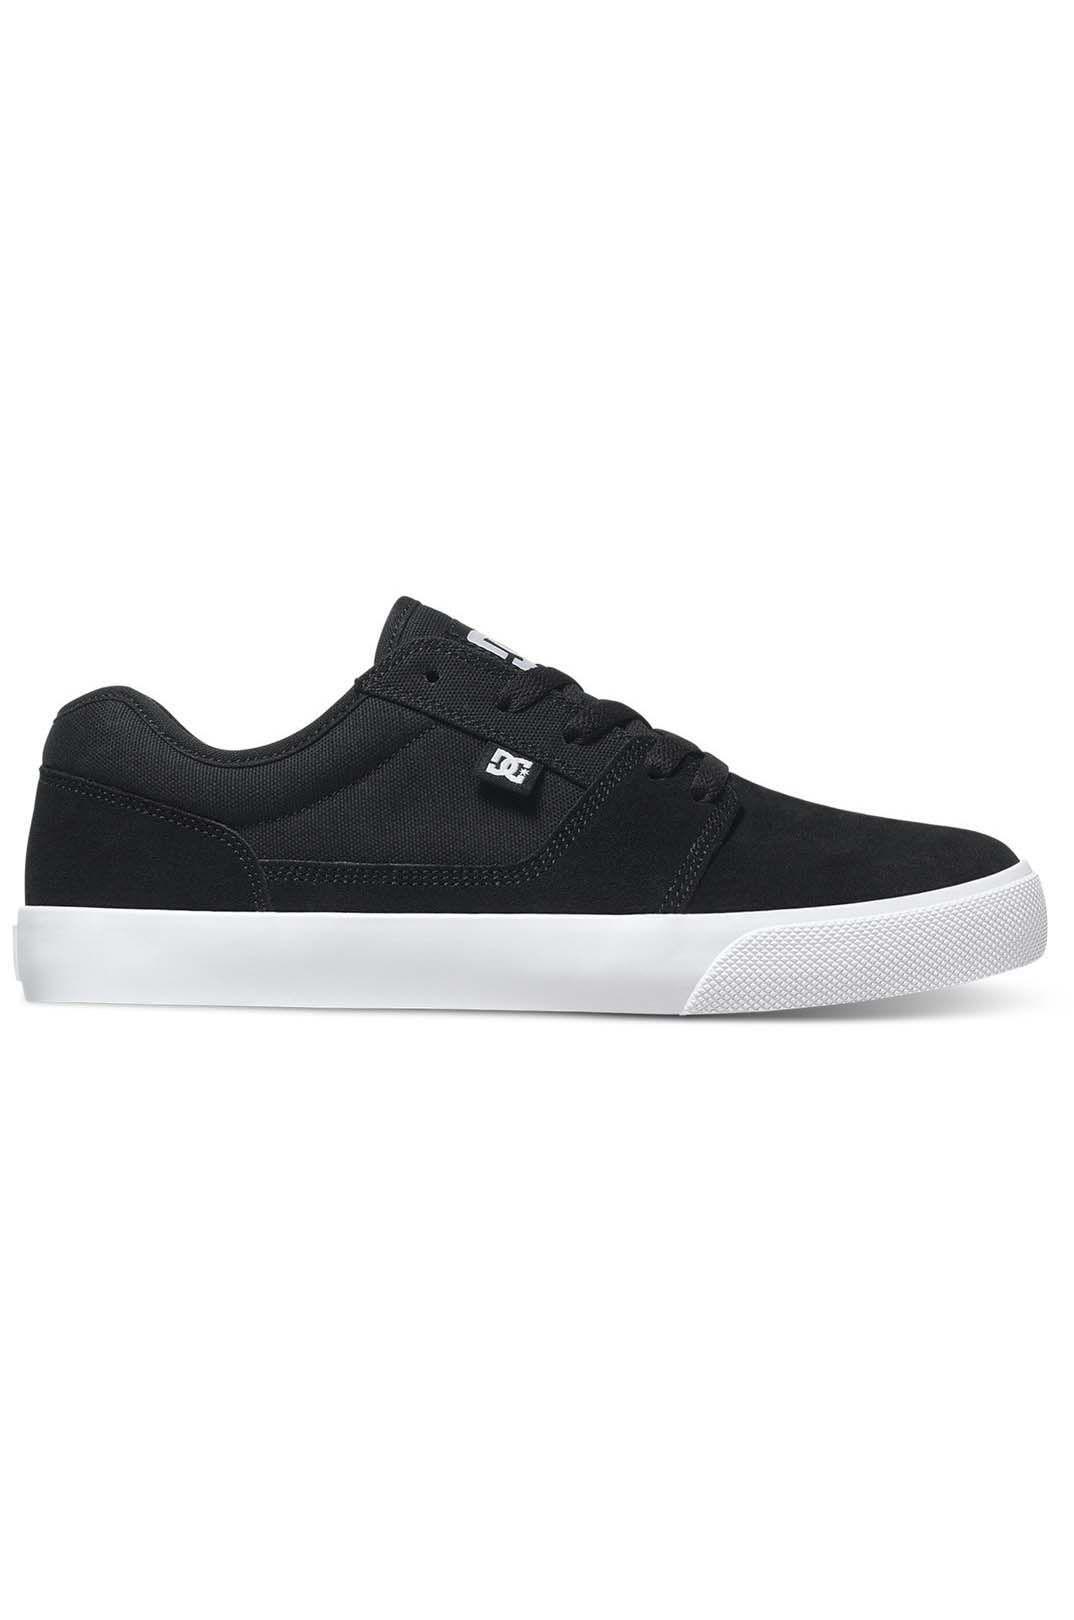 Tenis DC Shoes TONIK M SHOE Black/White/Black